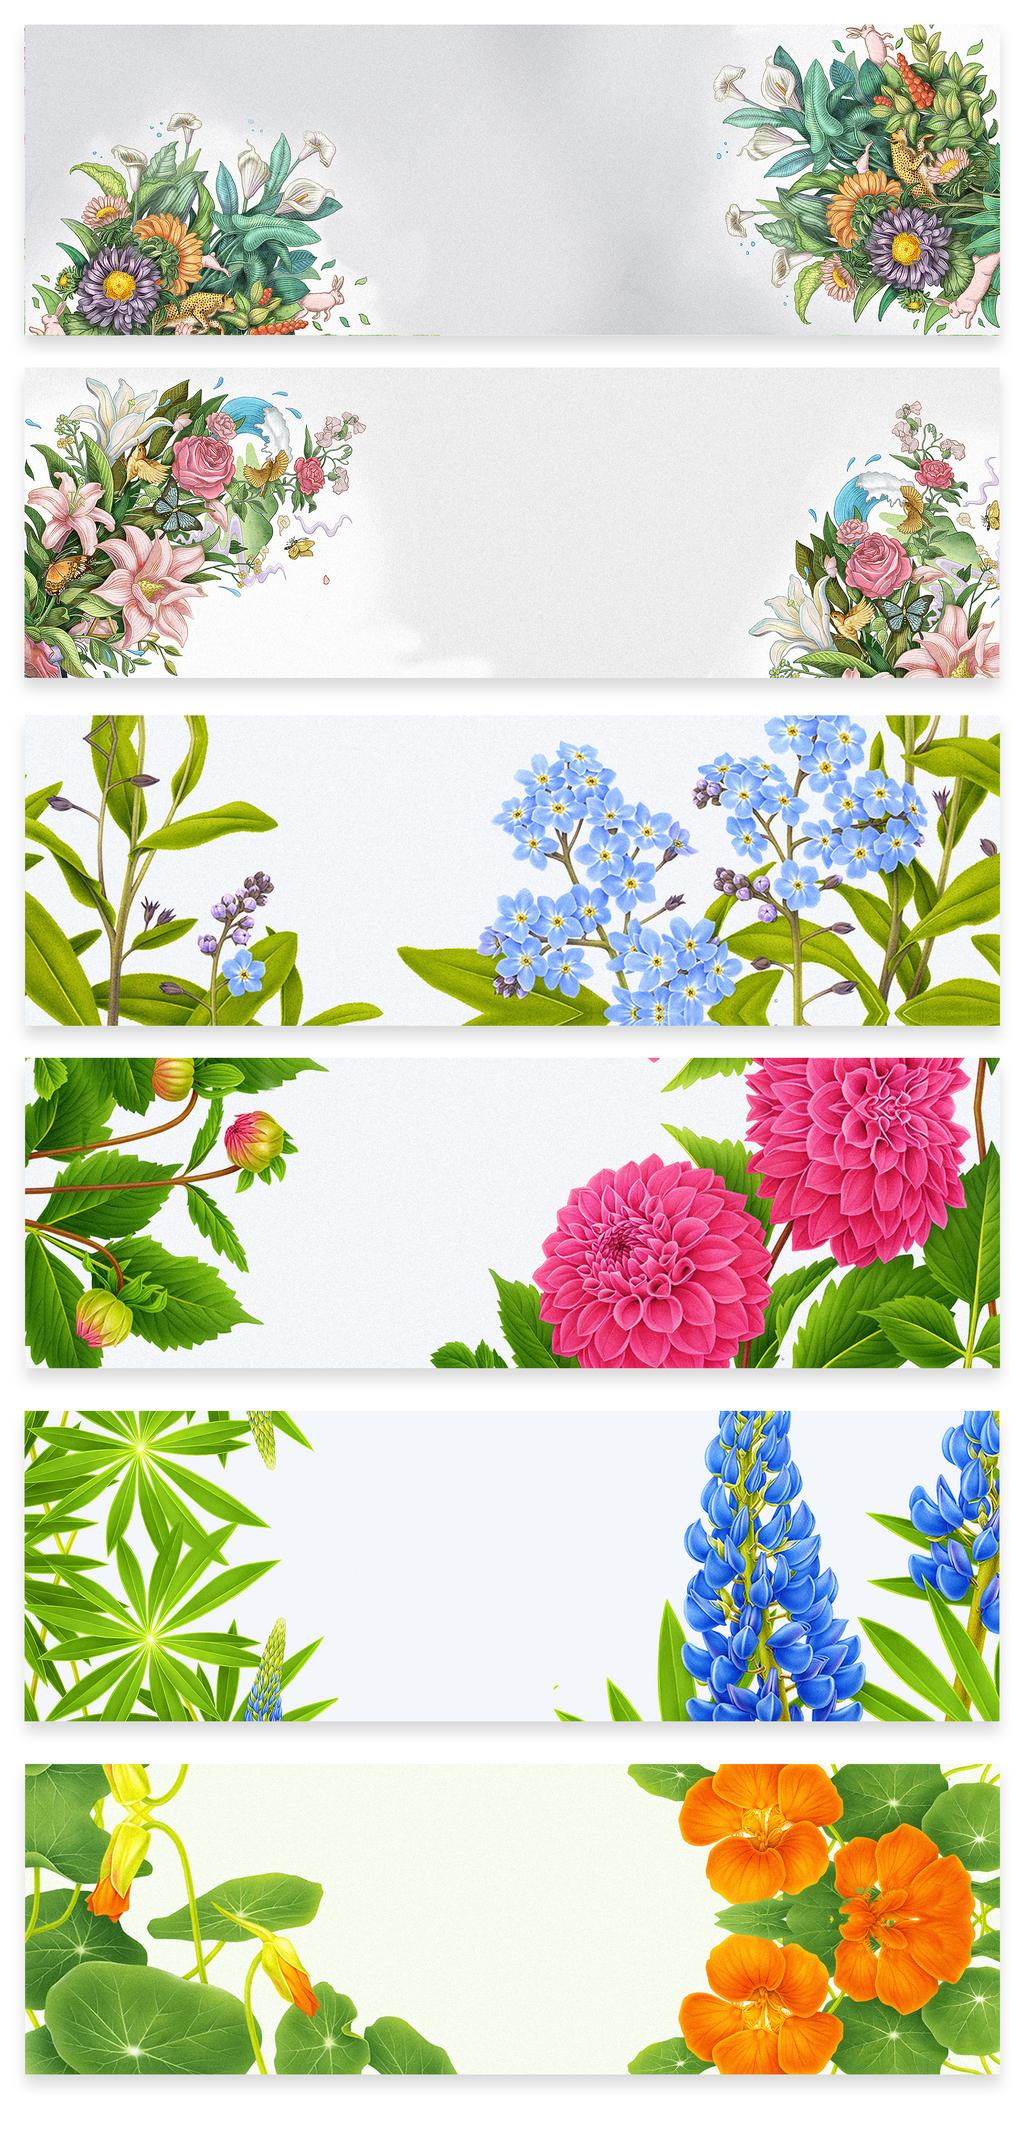 设计元素 背景素材 卡通边框 > 中国风植物手绘电商海报背景